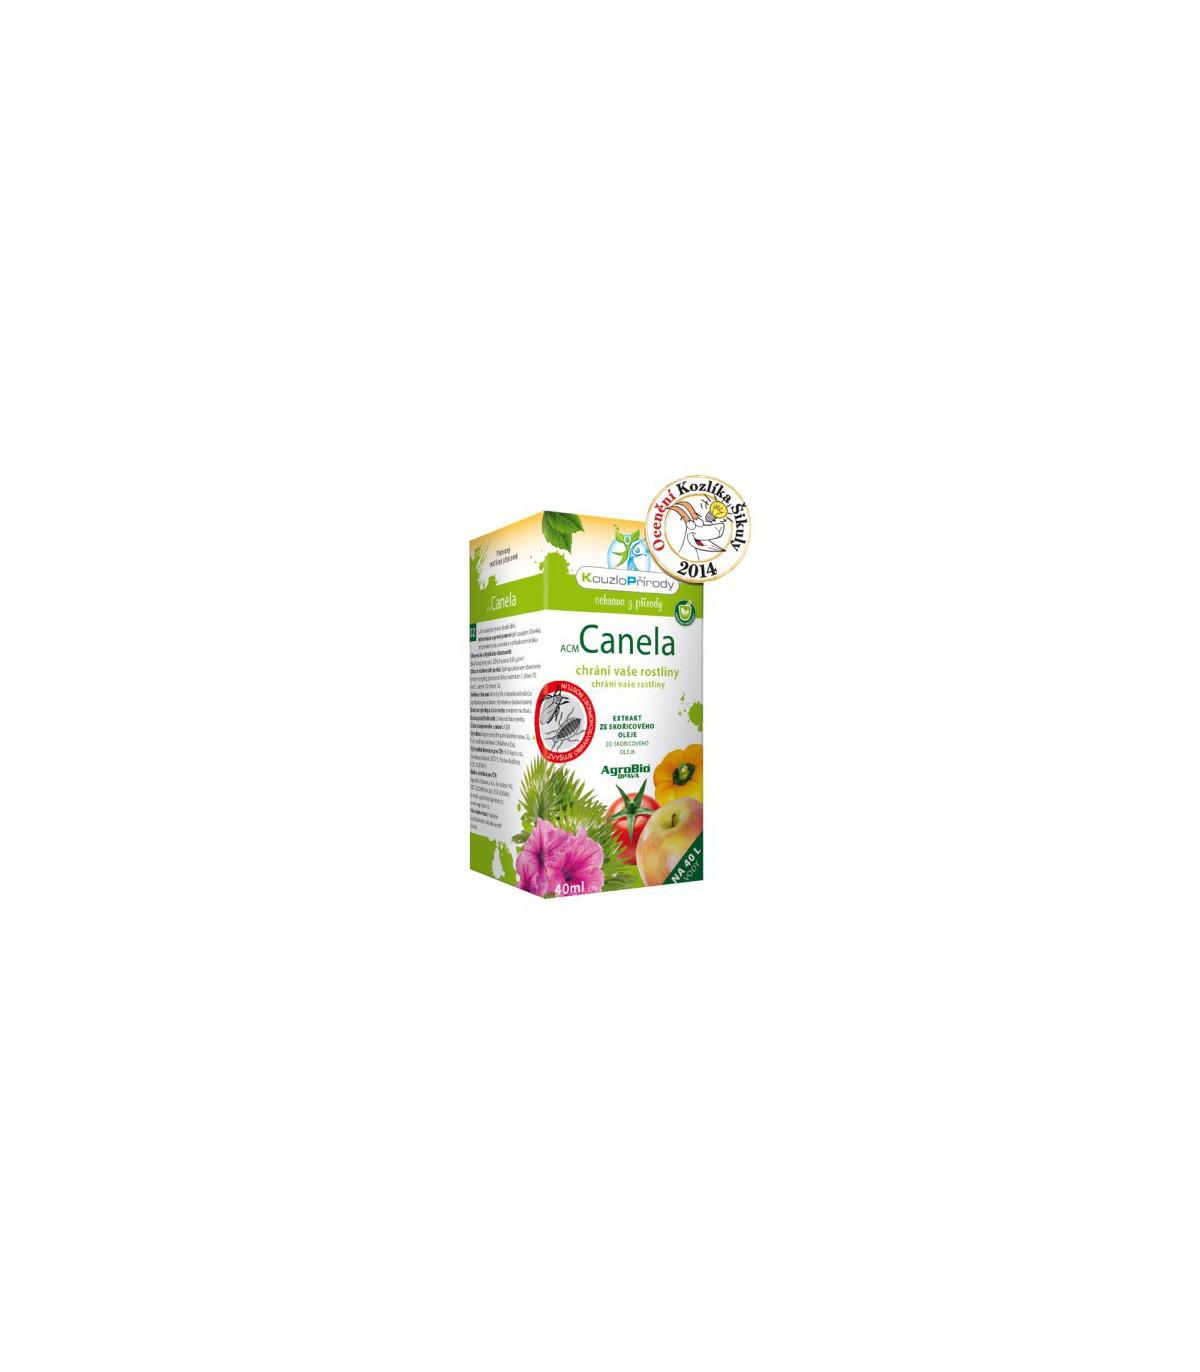 Canela - Extrakt zo škoricového oleja - 15 ml - na ochranu rastlín